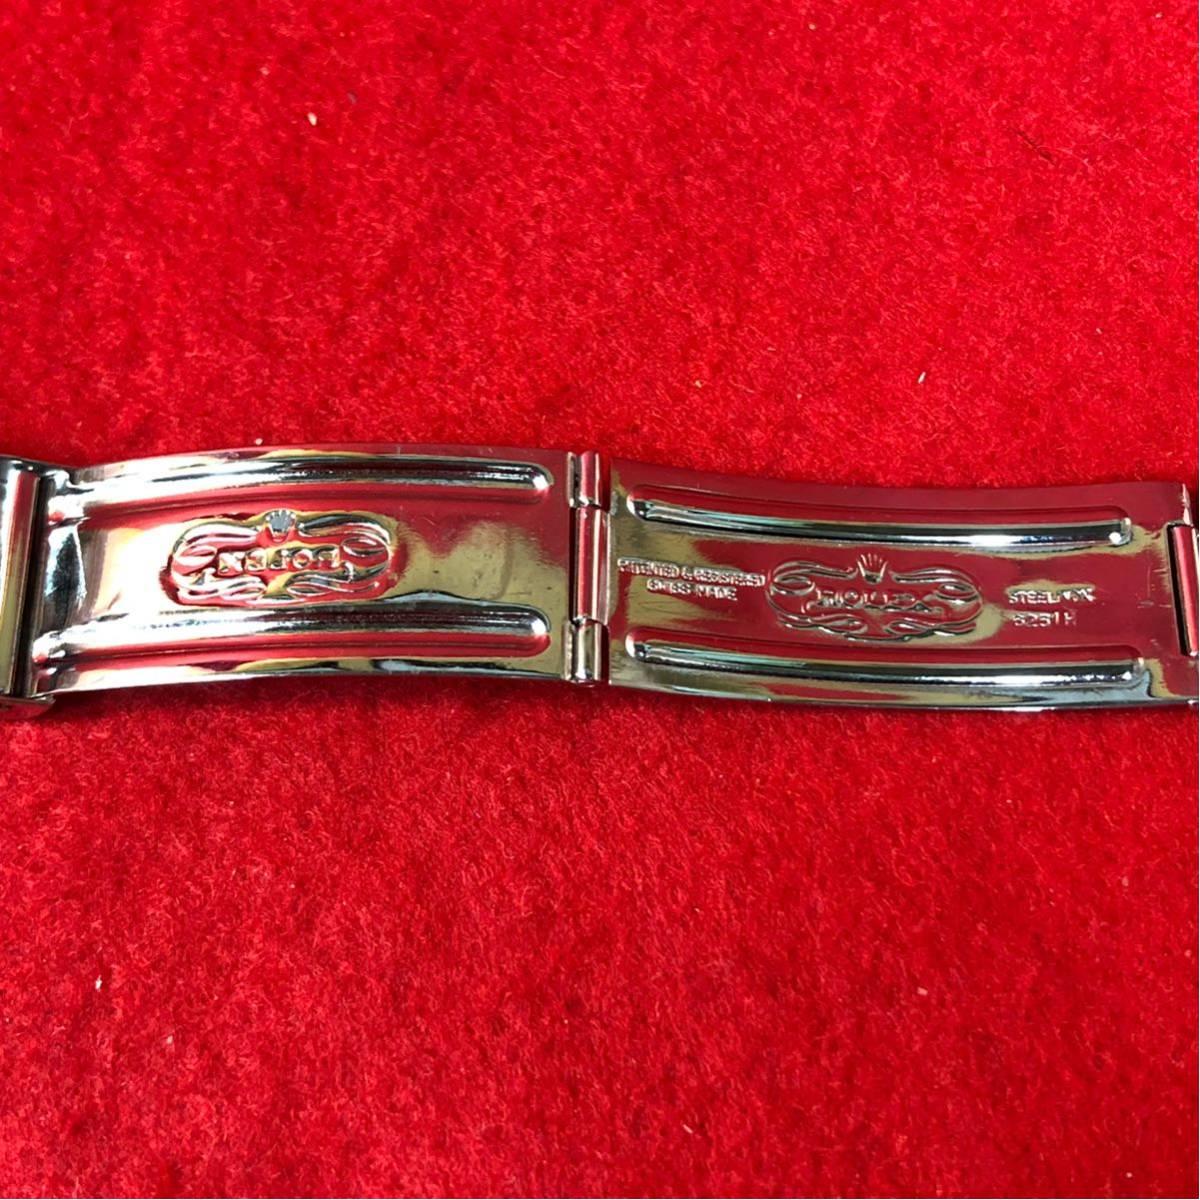 60000円~【美品】ROLEX ロレックス 純正 20mm 巻き ジュビリーブレス 6251H/FF55 メンズ 腕時計 ベルト パーツ 部品_画像5